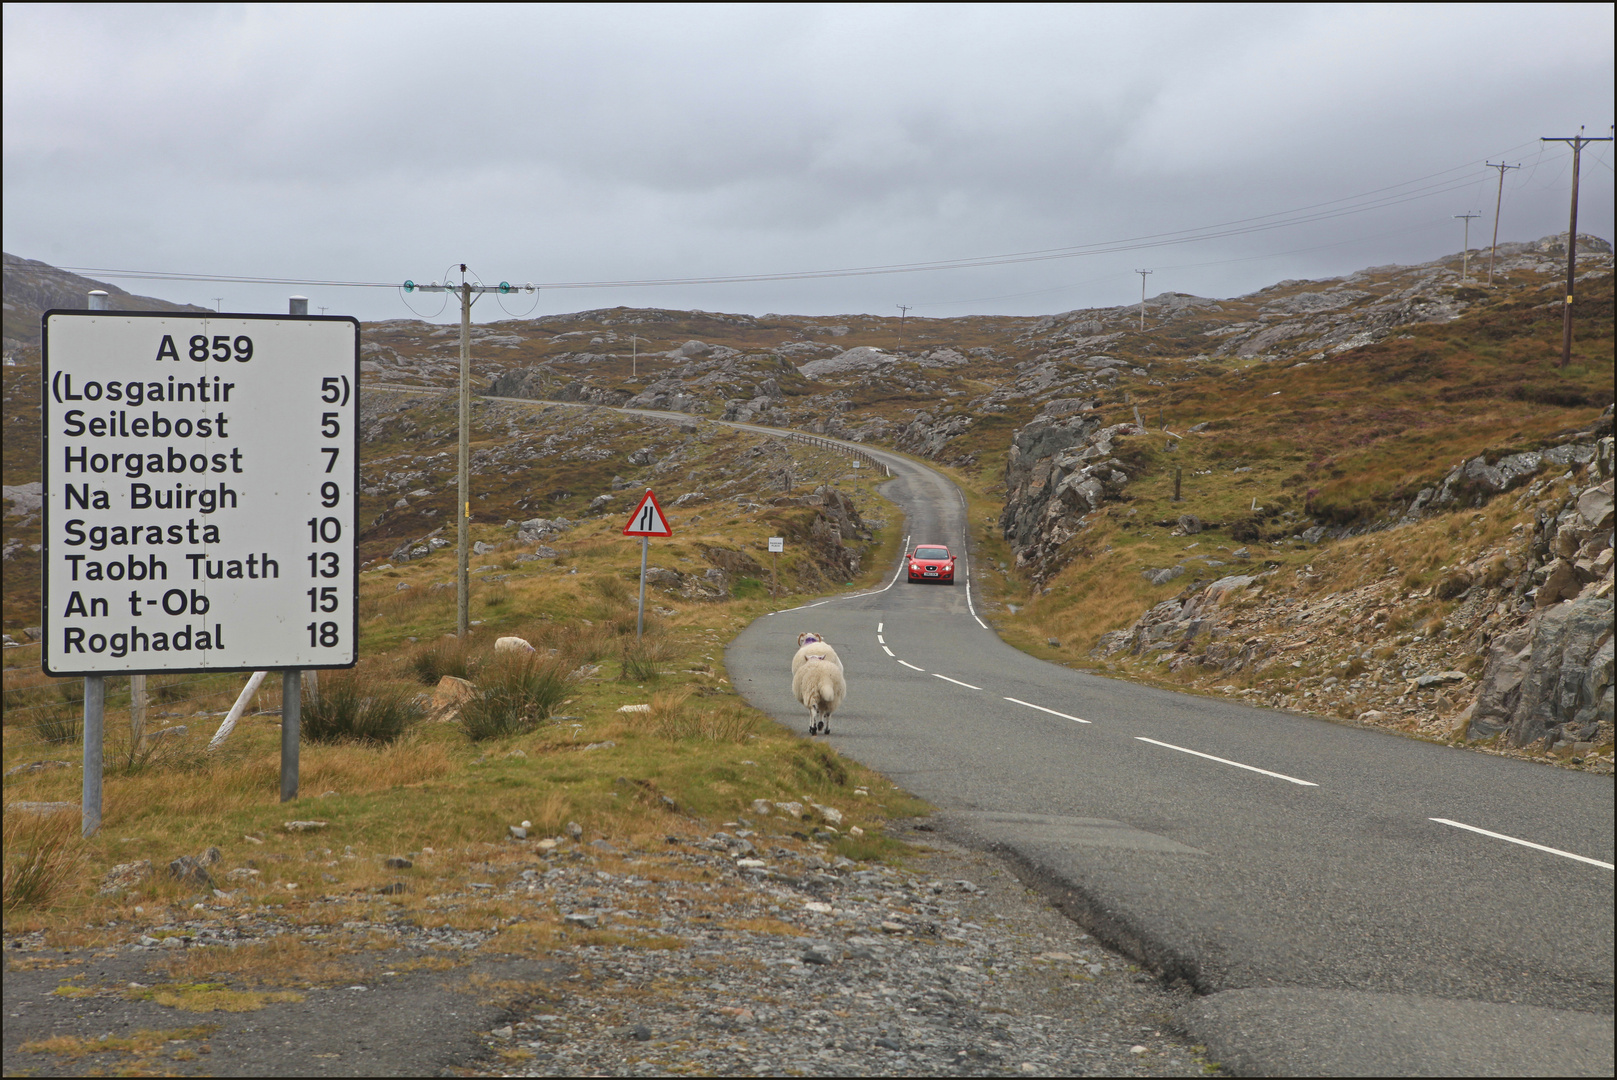 On the Road - Isle of Harris